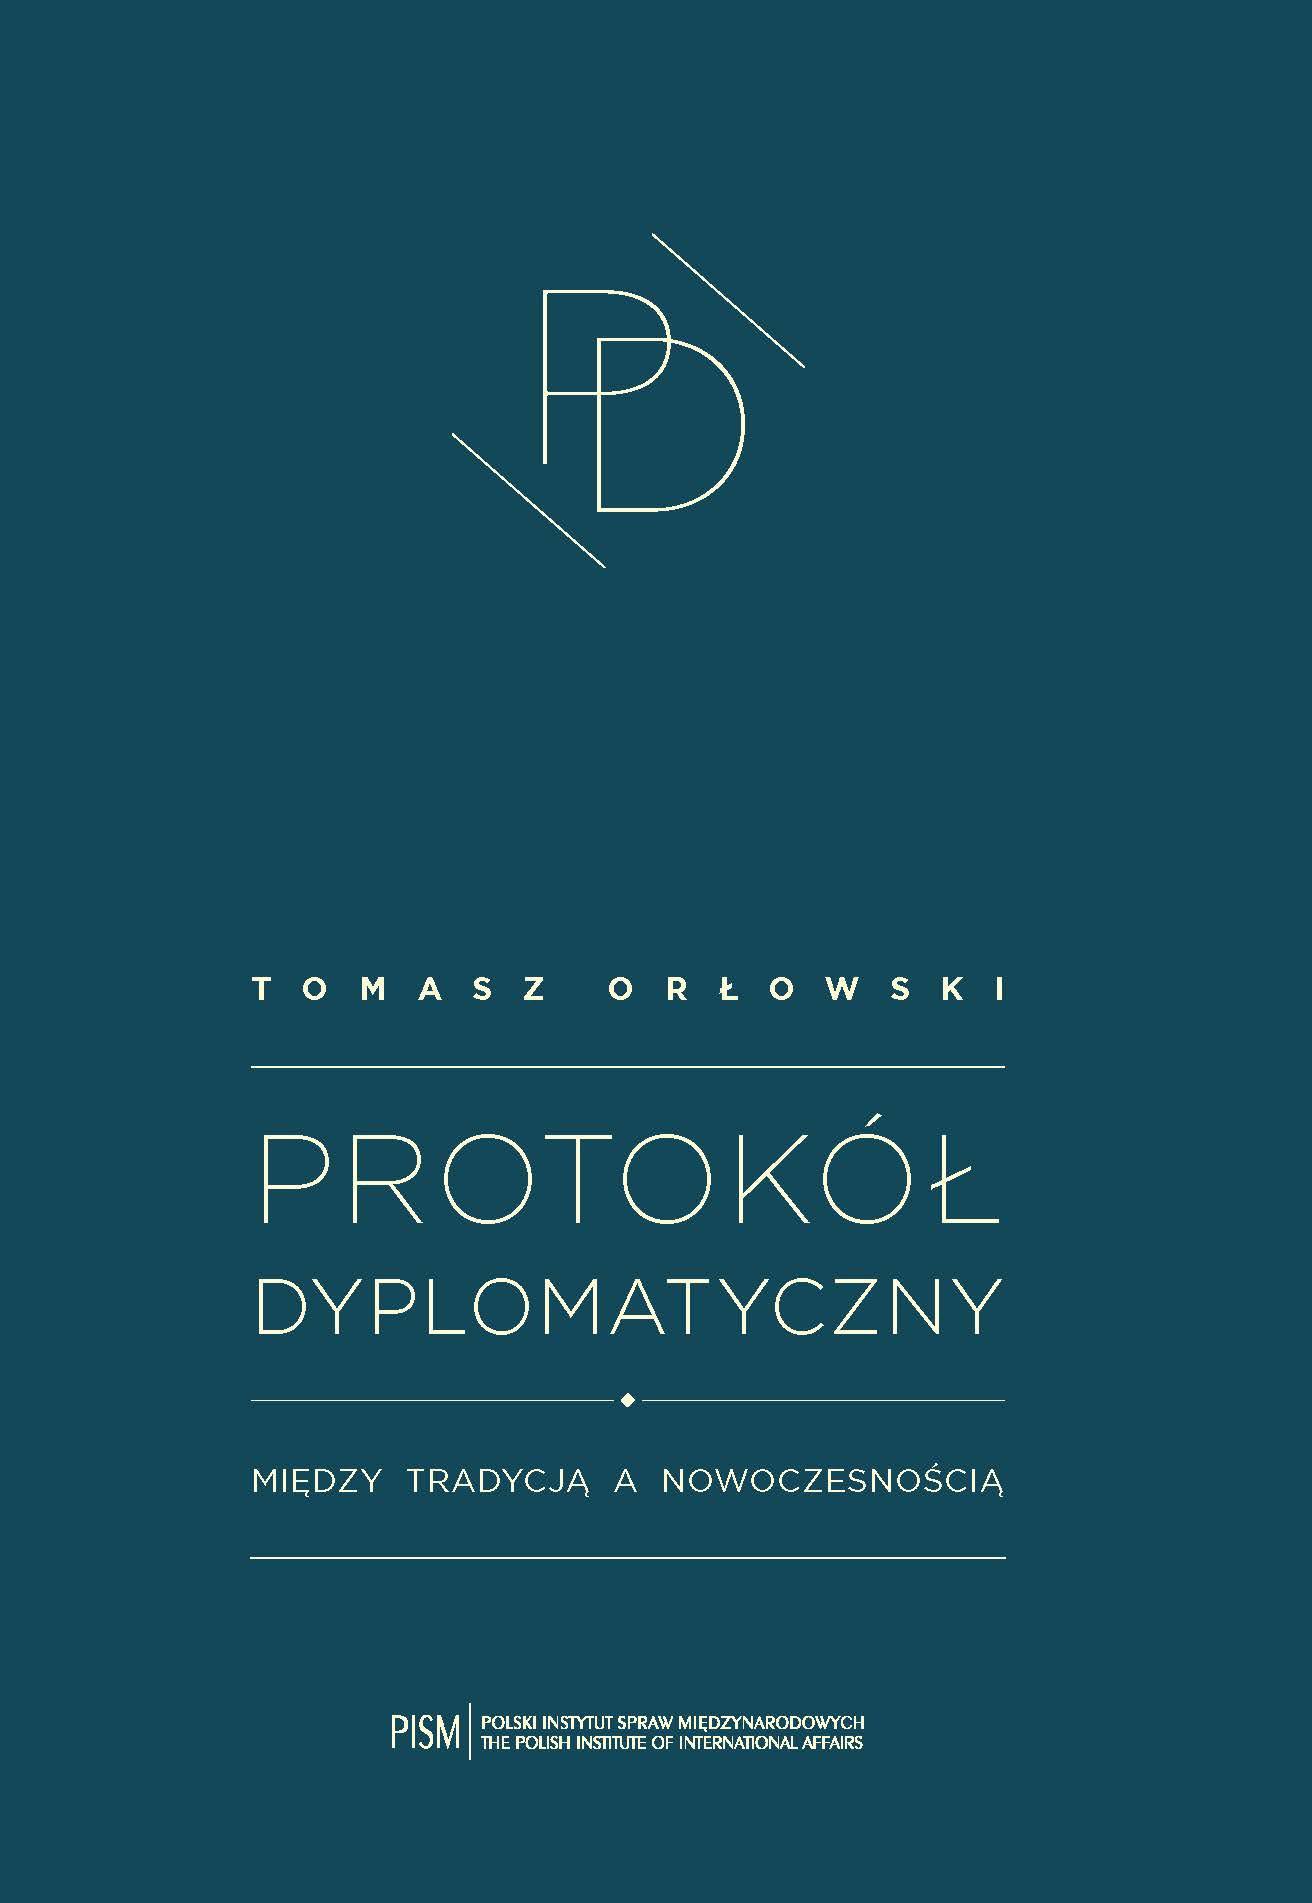 Protokół dyplomatyczny. Między tradycją a nowoczesnością - Ebook (Książka PDF) do pobrania w formacie PDF